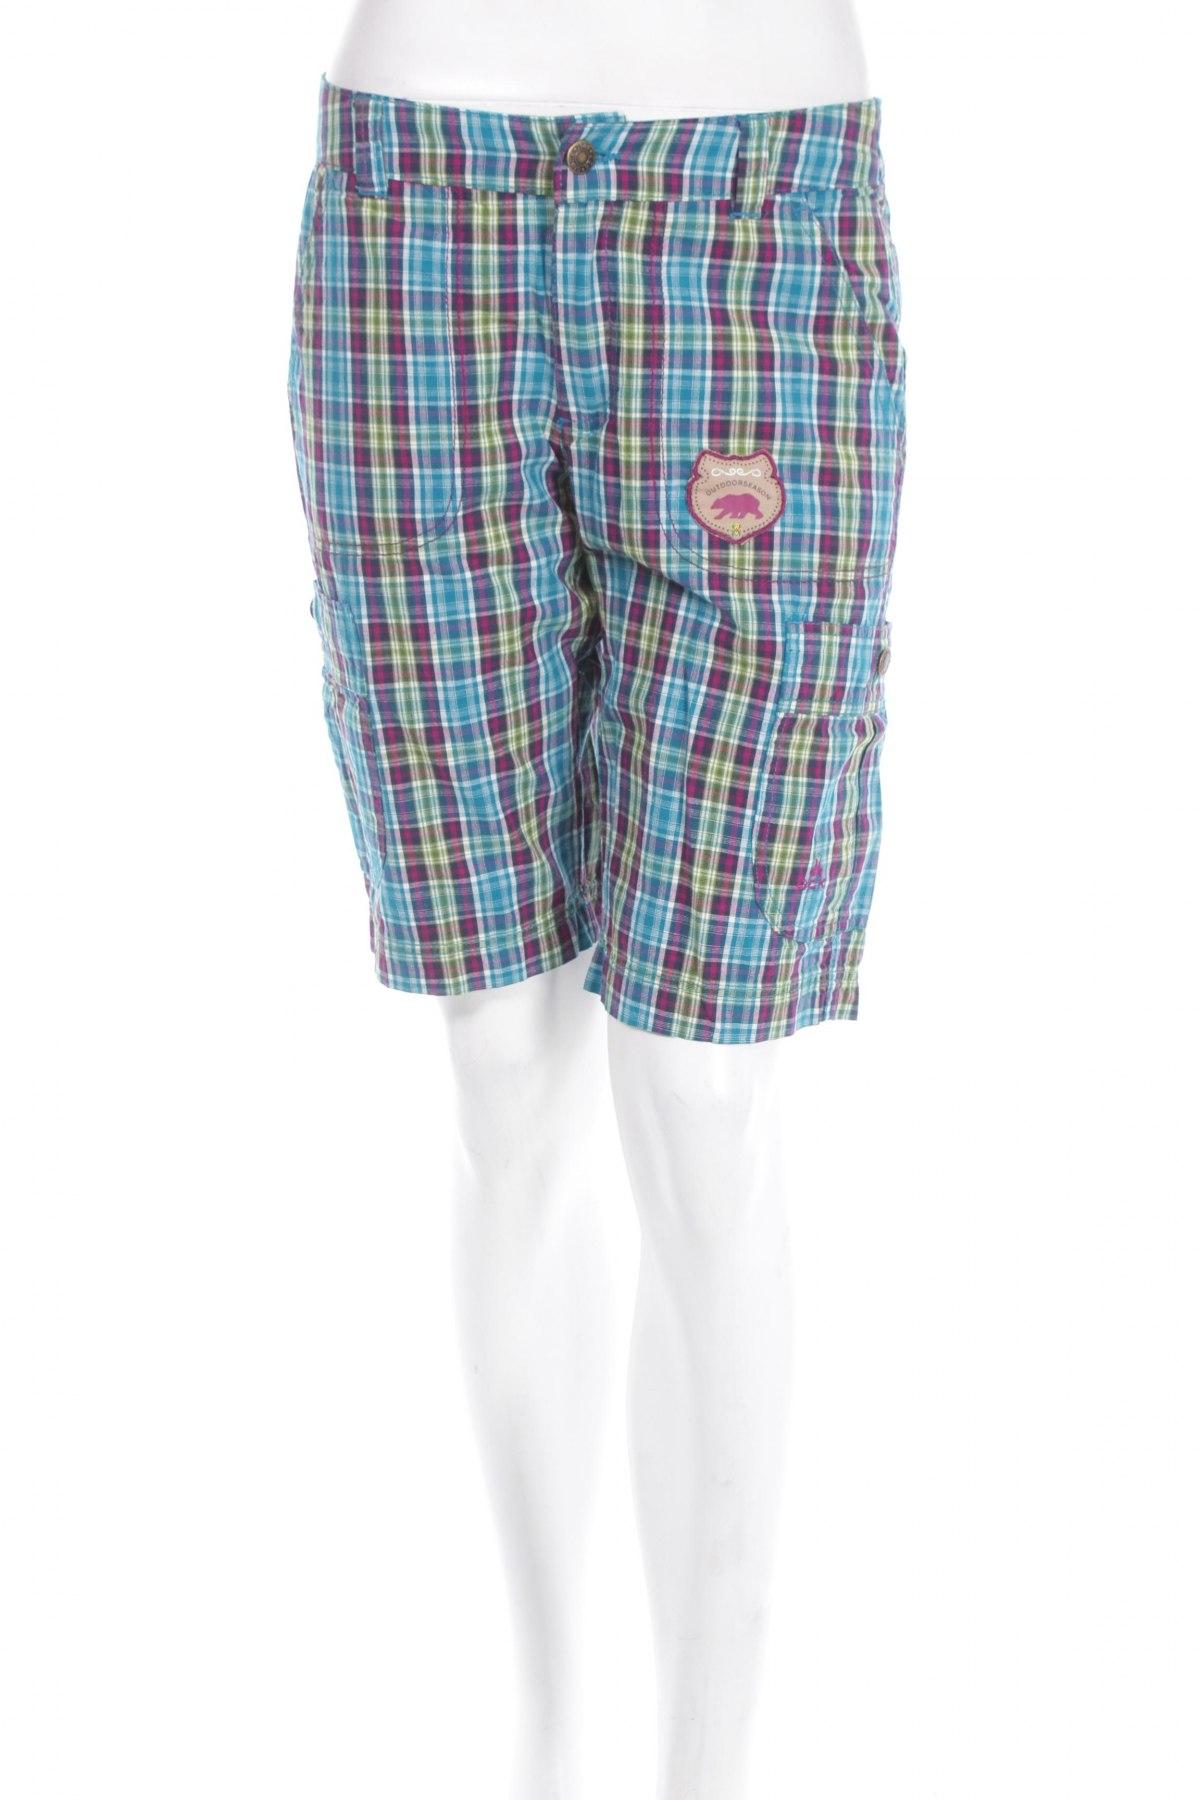 Γυναικείο κοντό παντελόνι Ock, Μέγεθος S, Χρώμα Πολύχρωμο, Βαμβάκι, Τιμή 3,25€